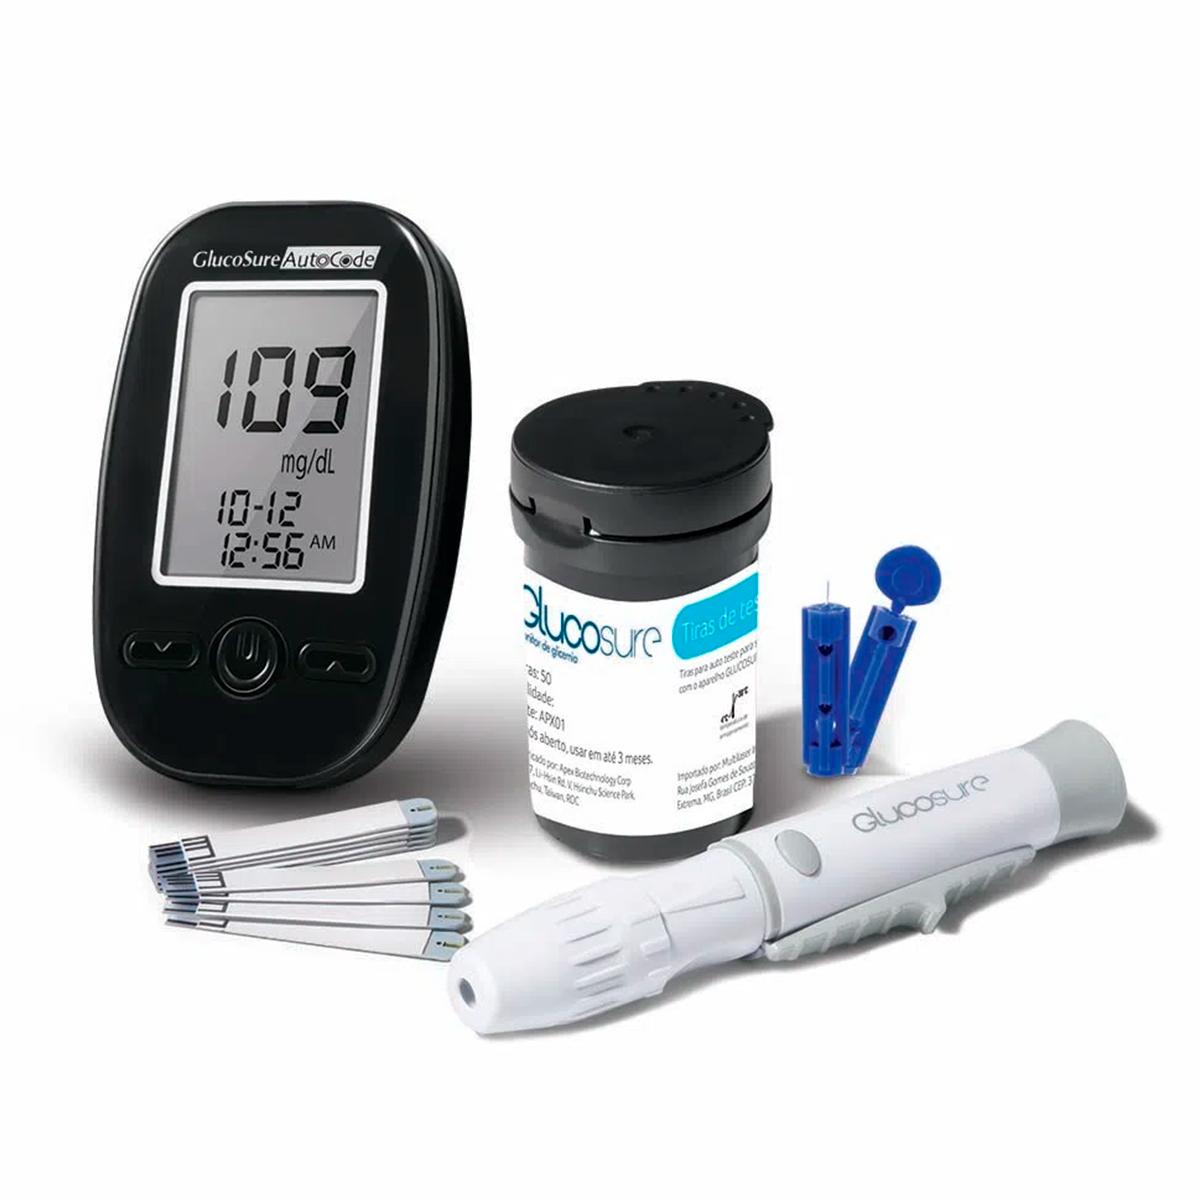 Monitor de Glicemia Glucosure Multilaser - HC129